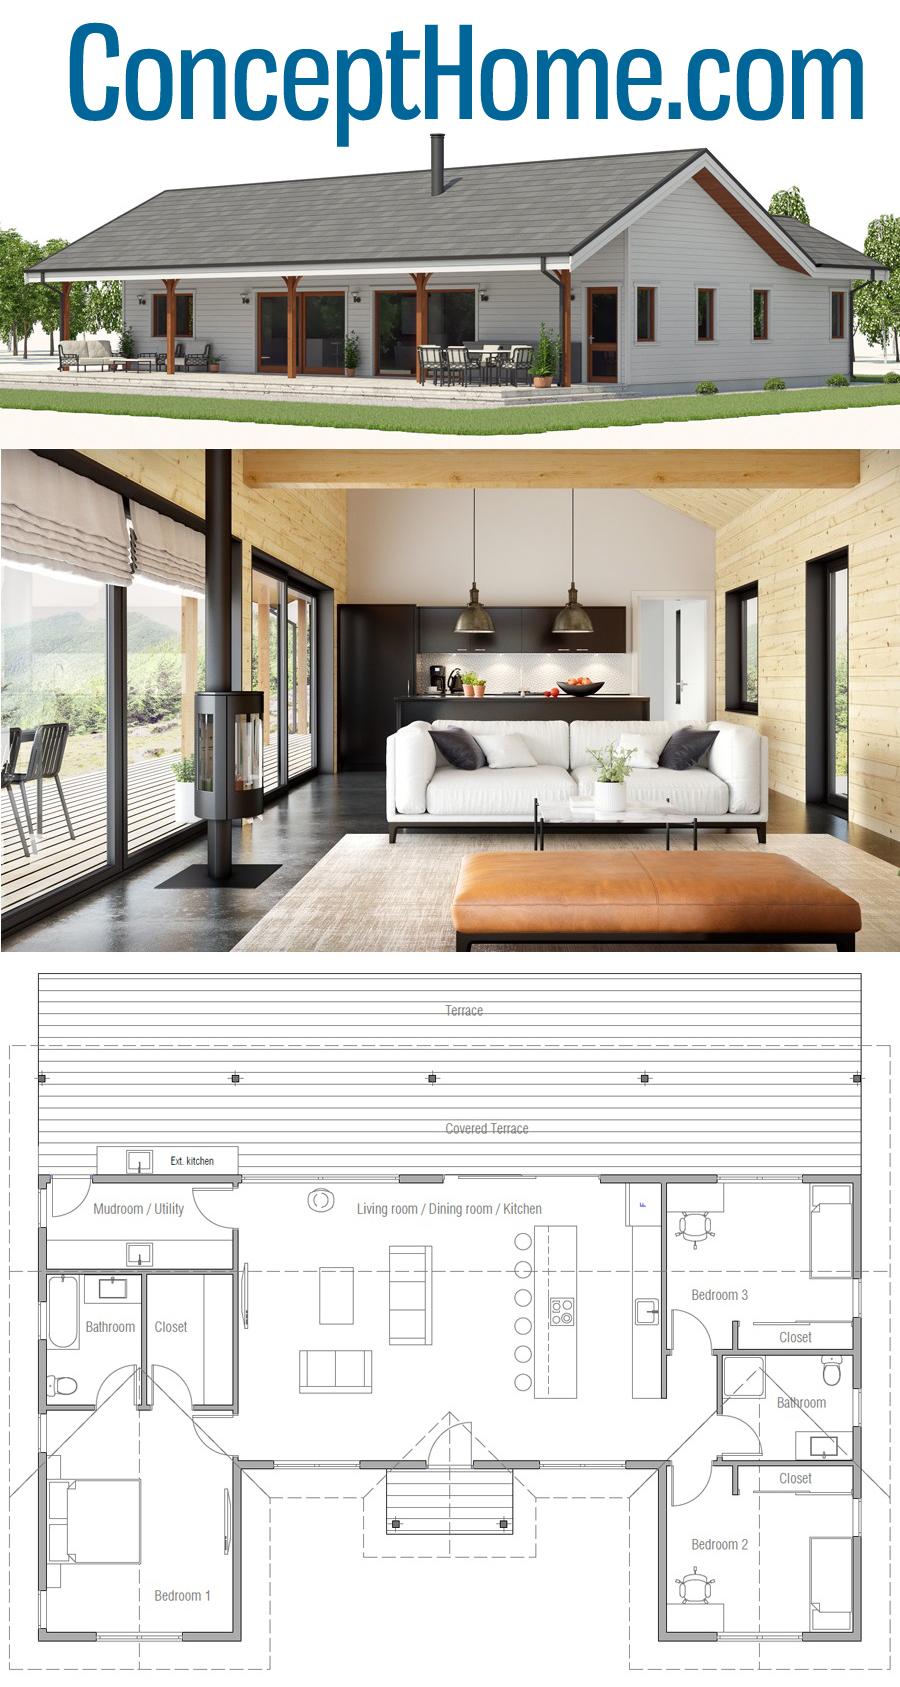 Plan De Maison Ch555 New House Plans House Plans Farmhouse Small House Plans